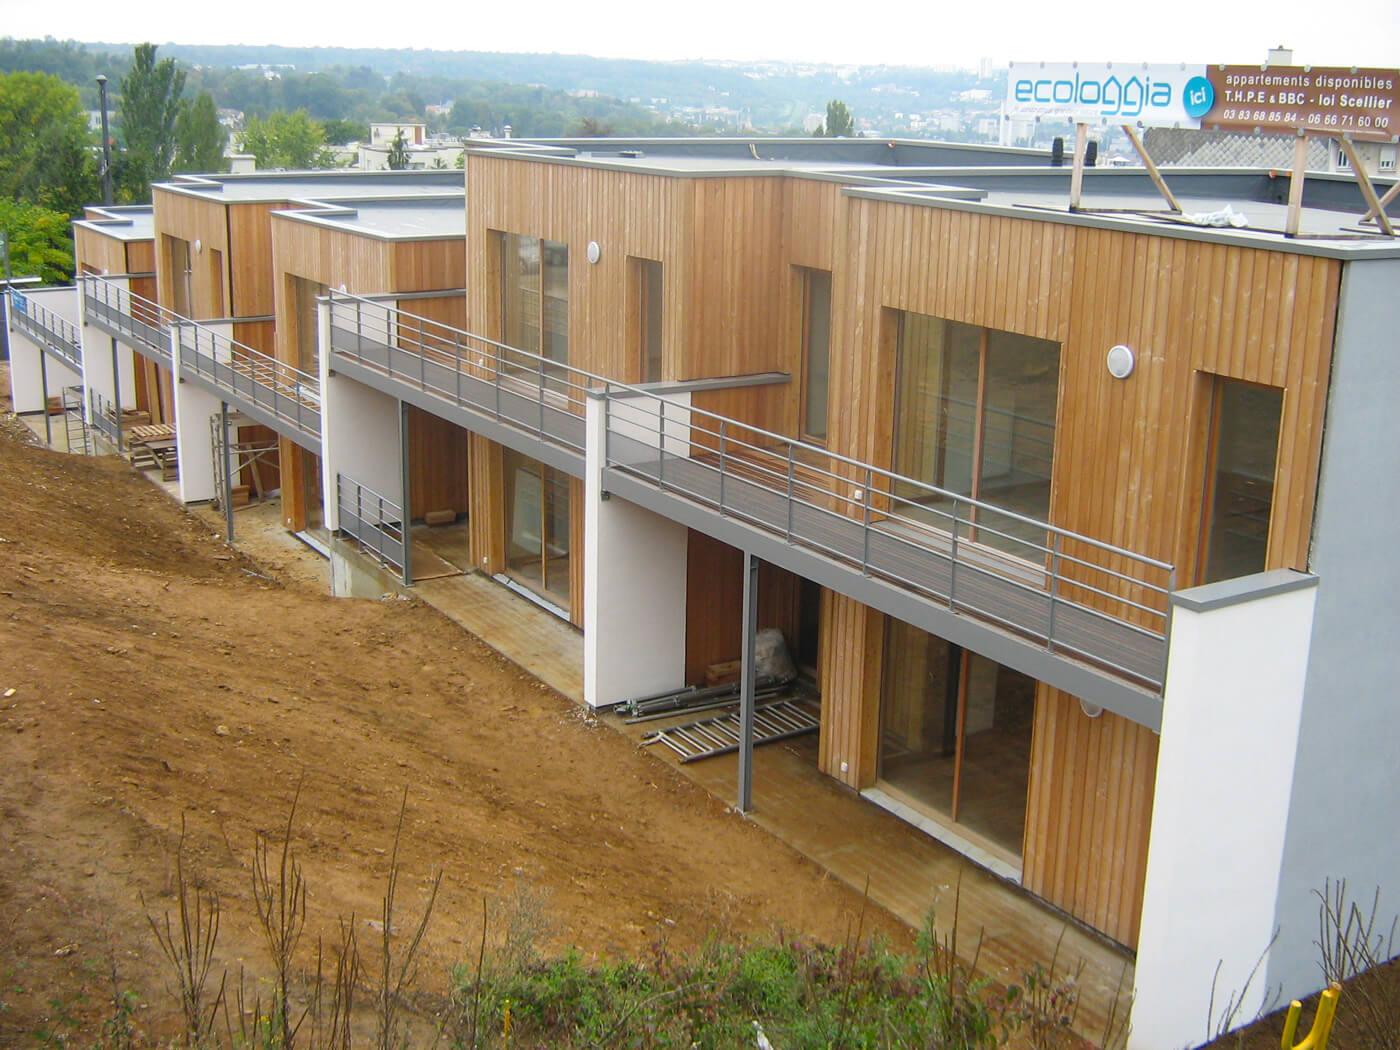 Isolation extérieure immeuble à ossature bois – Chantier Ecologgia Brabois Nancy